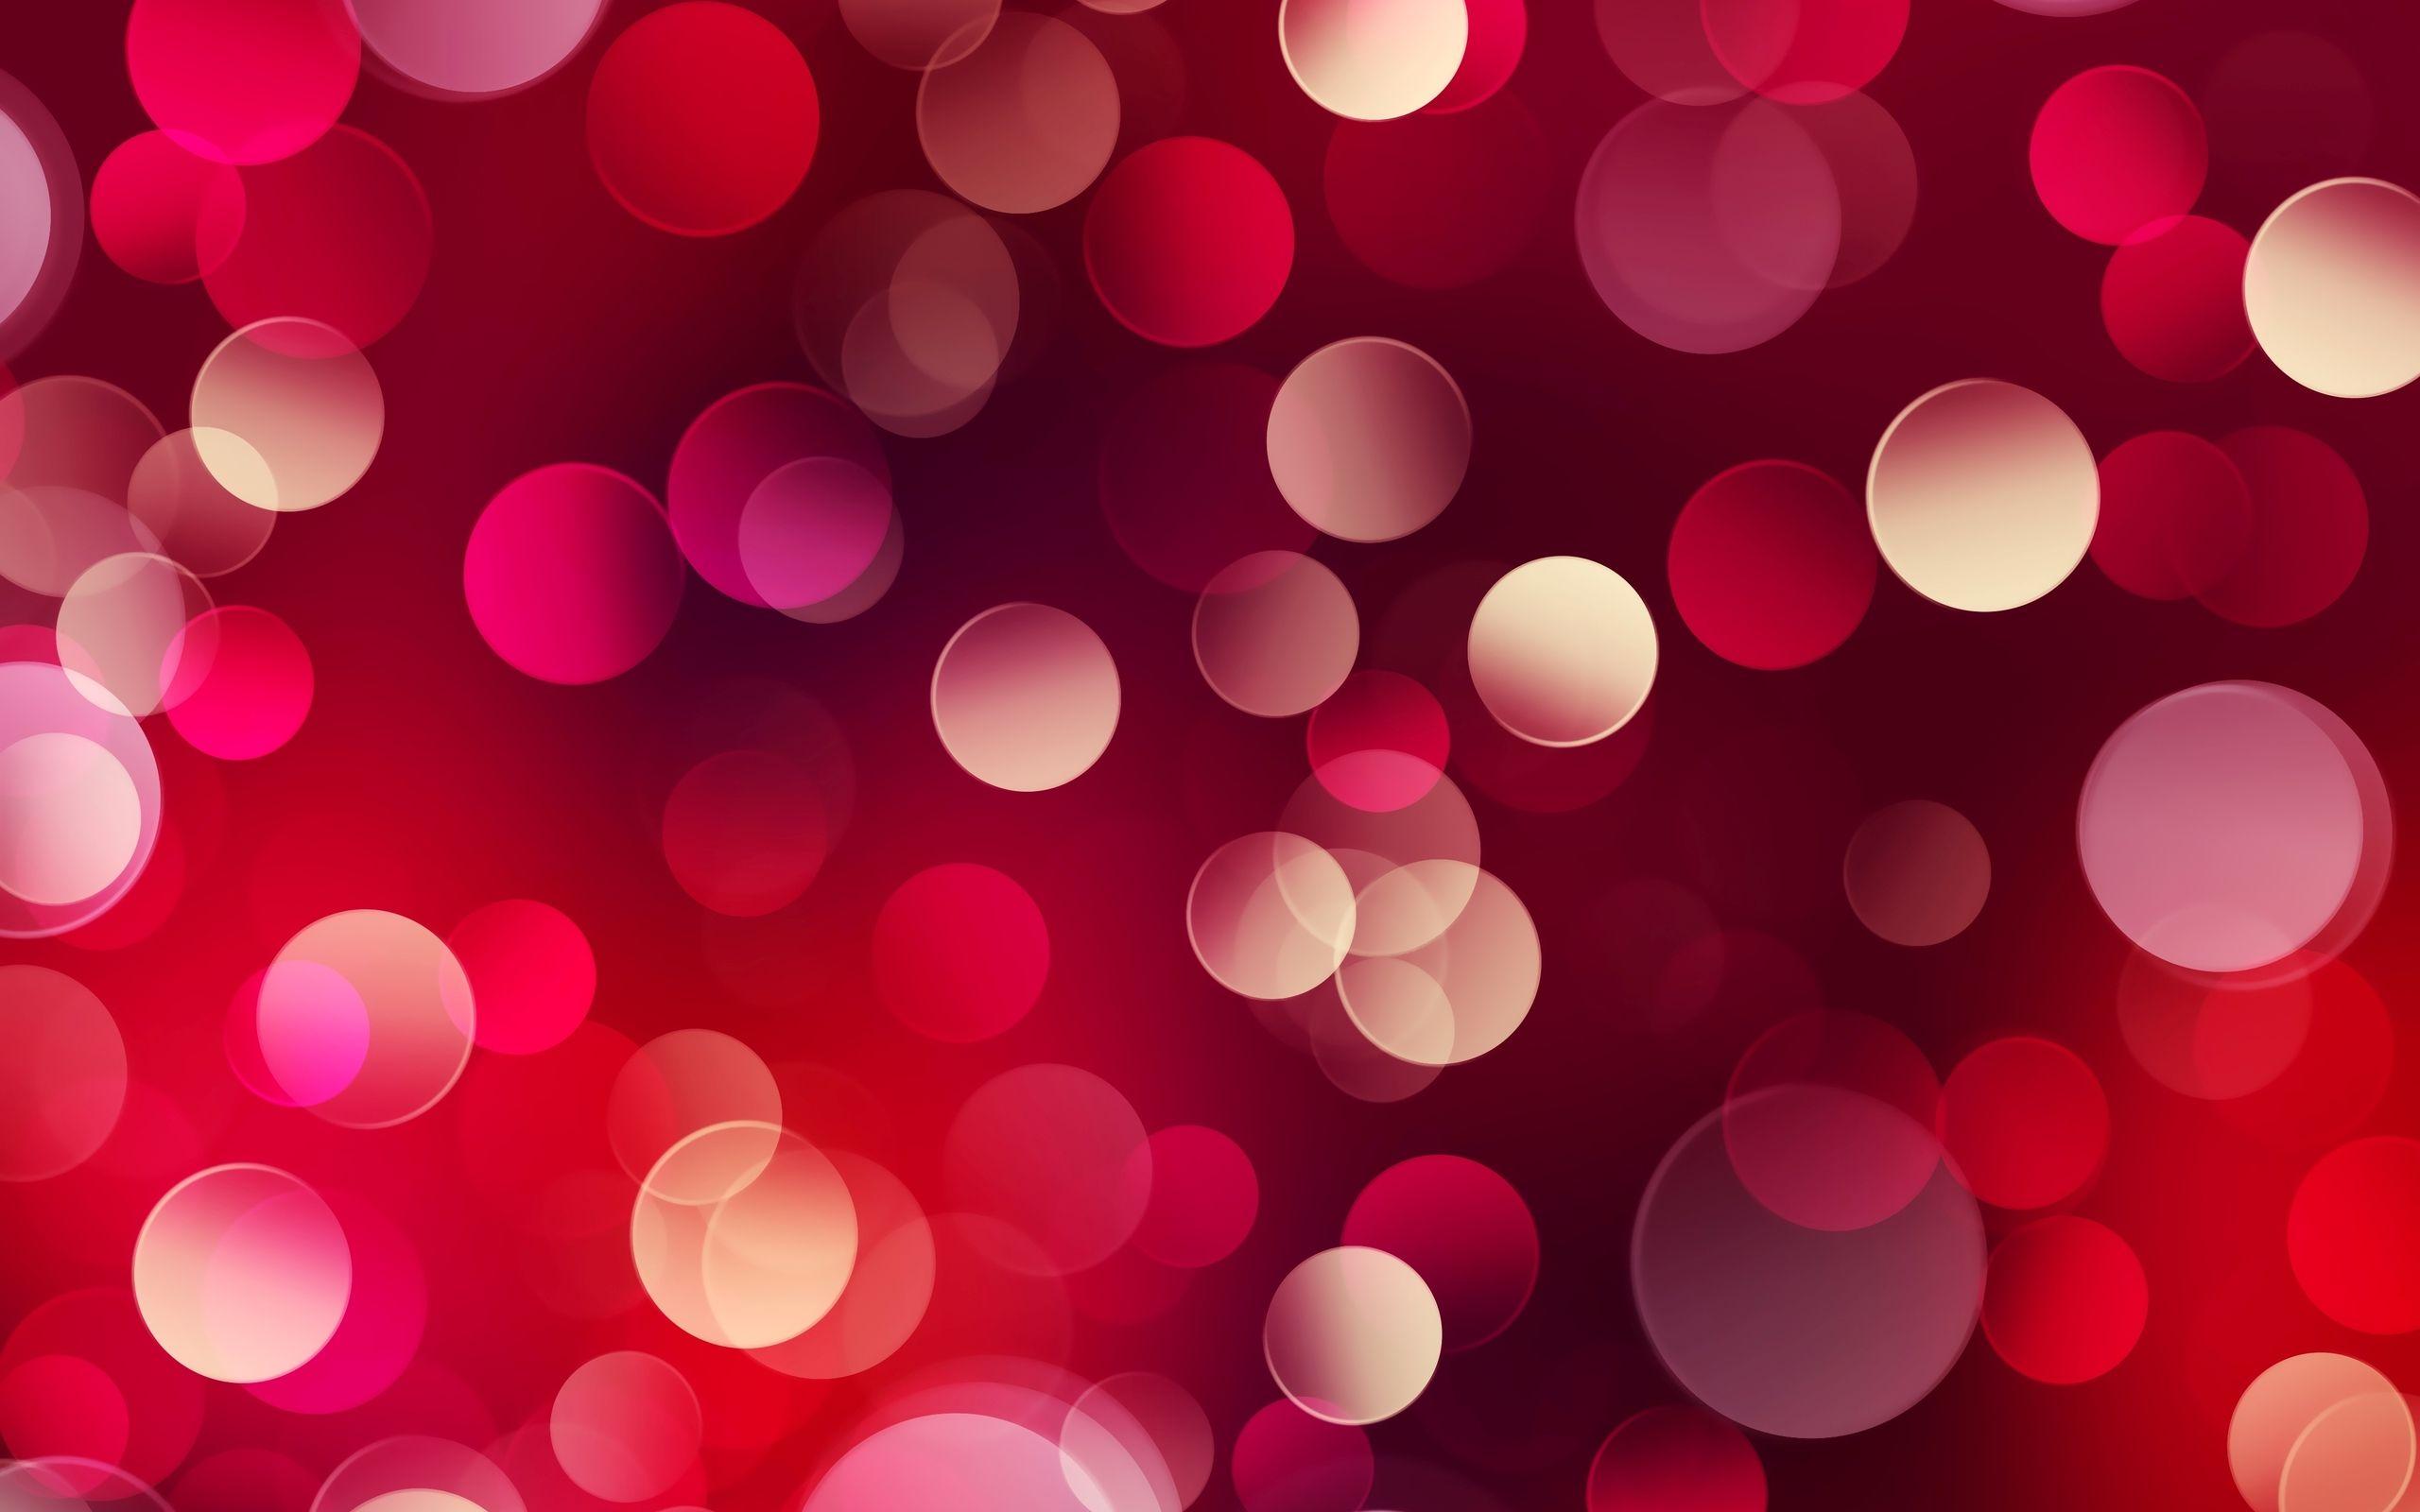 Red Light Bokeh Wallpapers 2560x1600 832753 Abstrakte Tapete